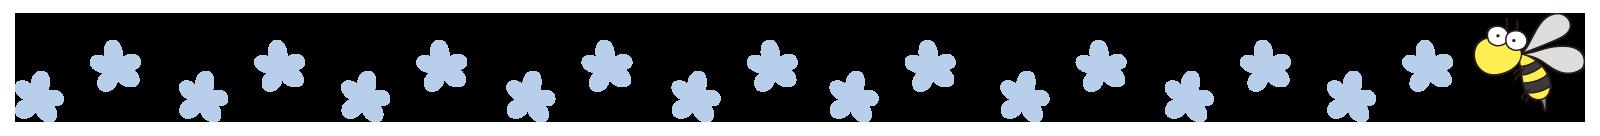 「花 ライン イラスト」の画像検索結果